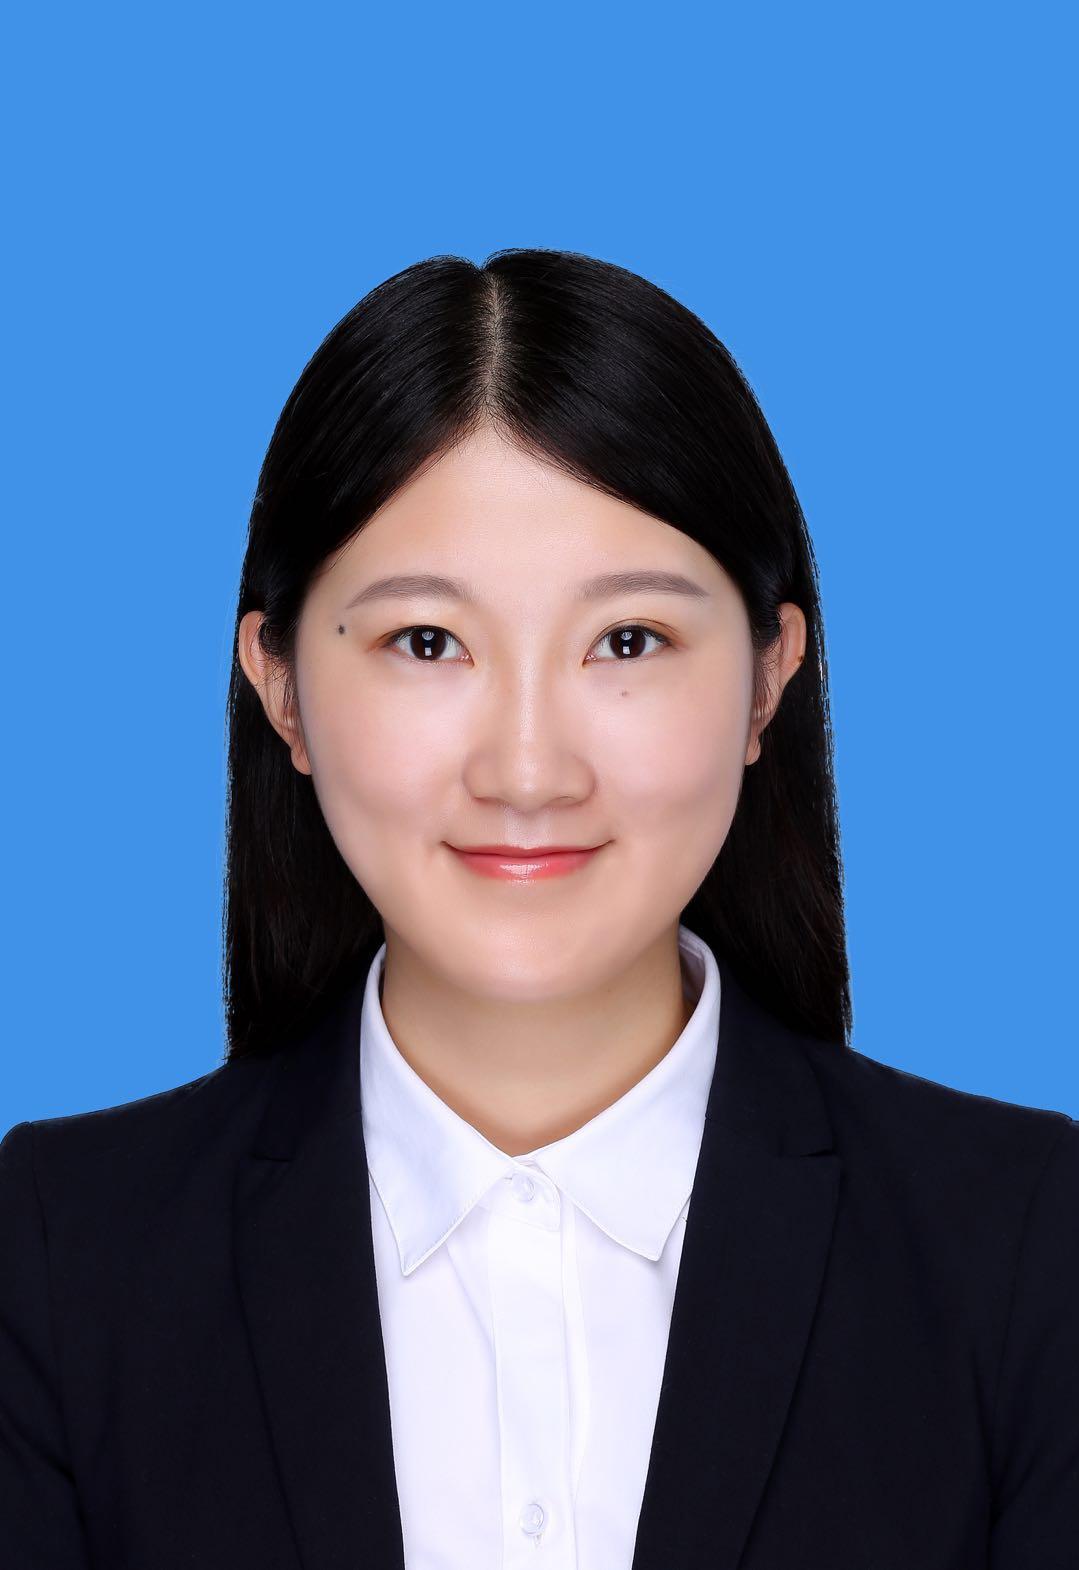 刘书含律师信息_刘书含律师个人案例